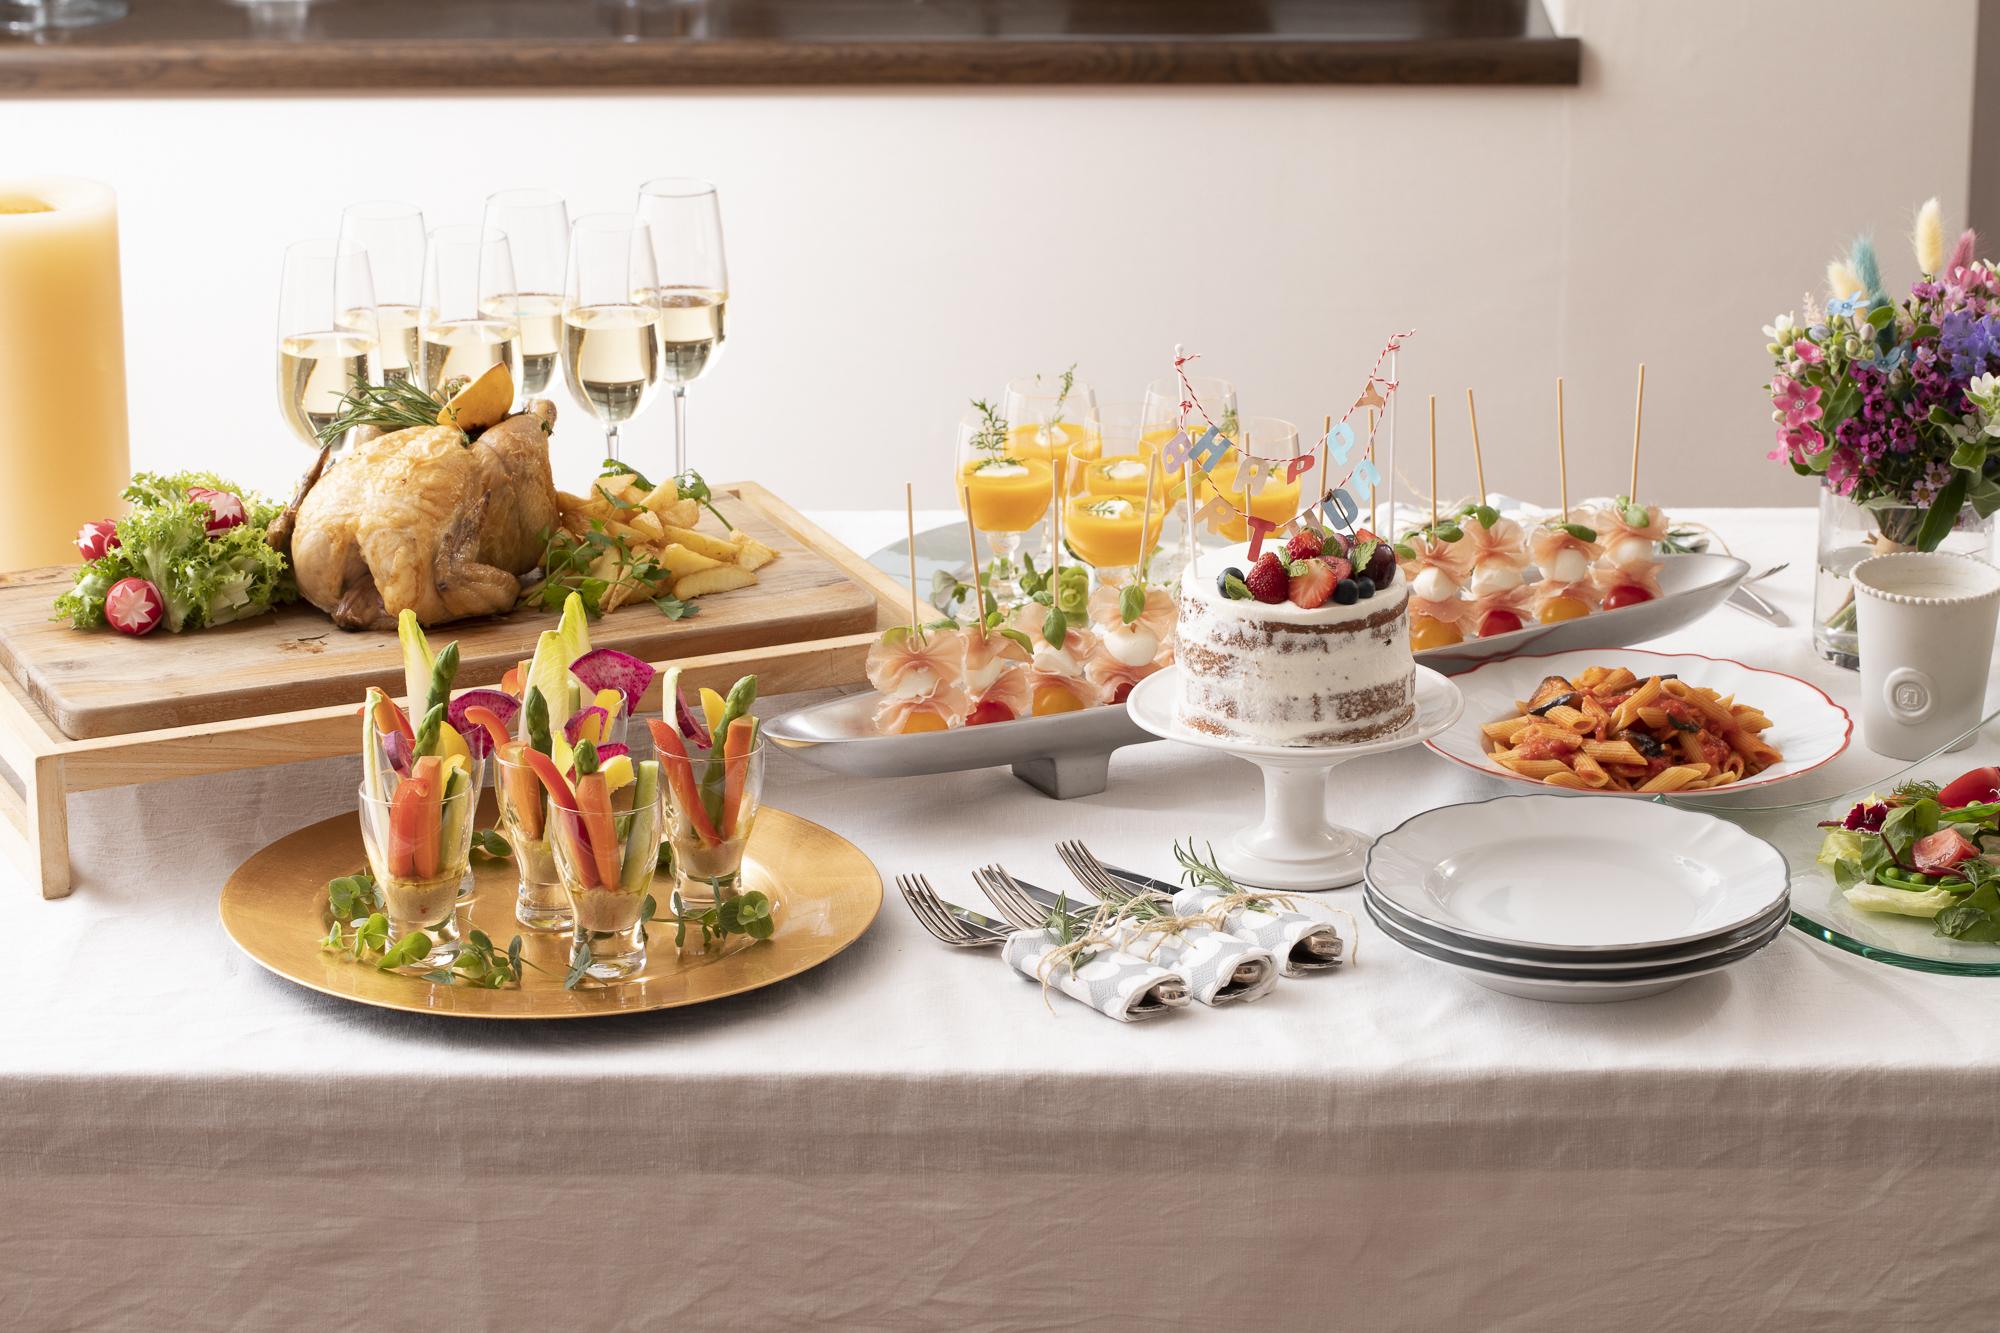 どんな時も、丁寧でおいしい料理を。「アターブル」で、サスティナブルな食生活、始めてみませんか?